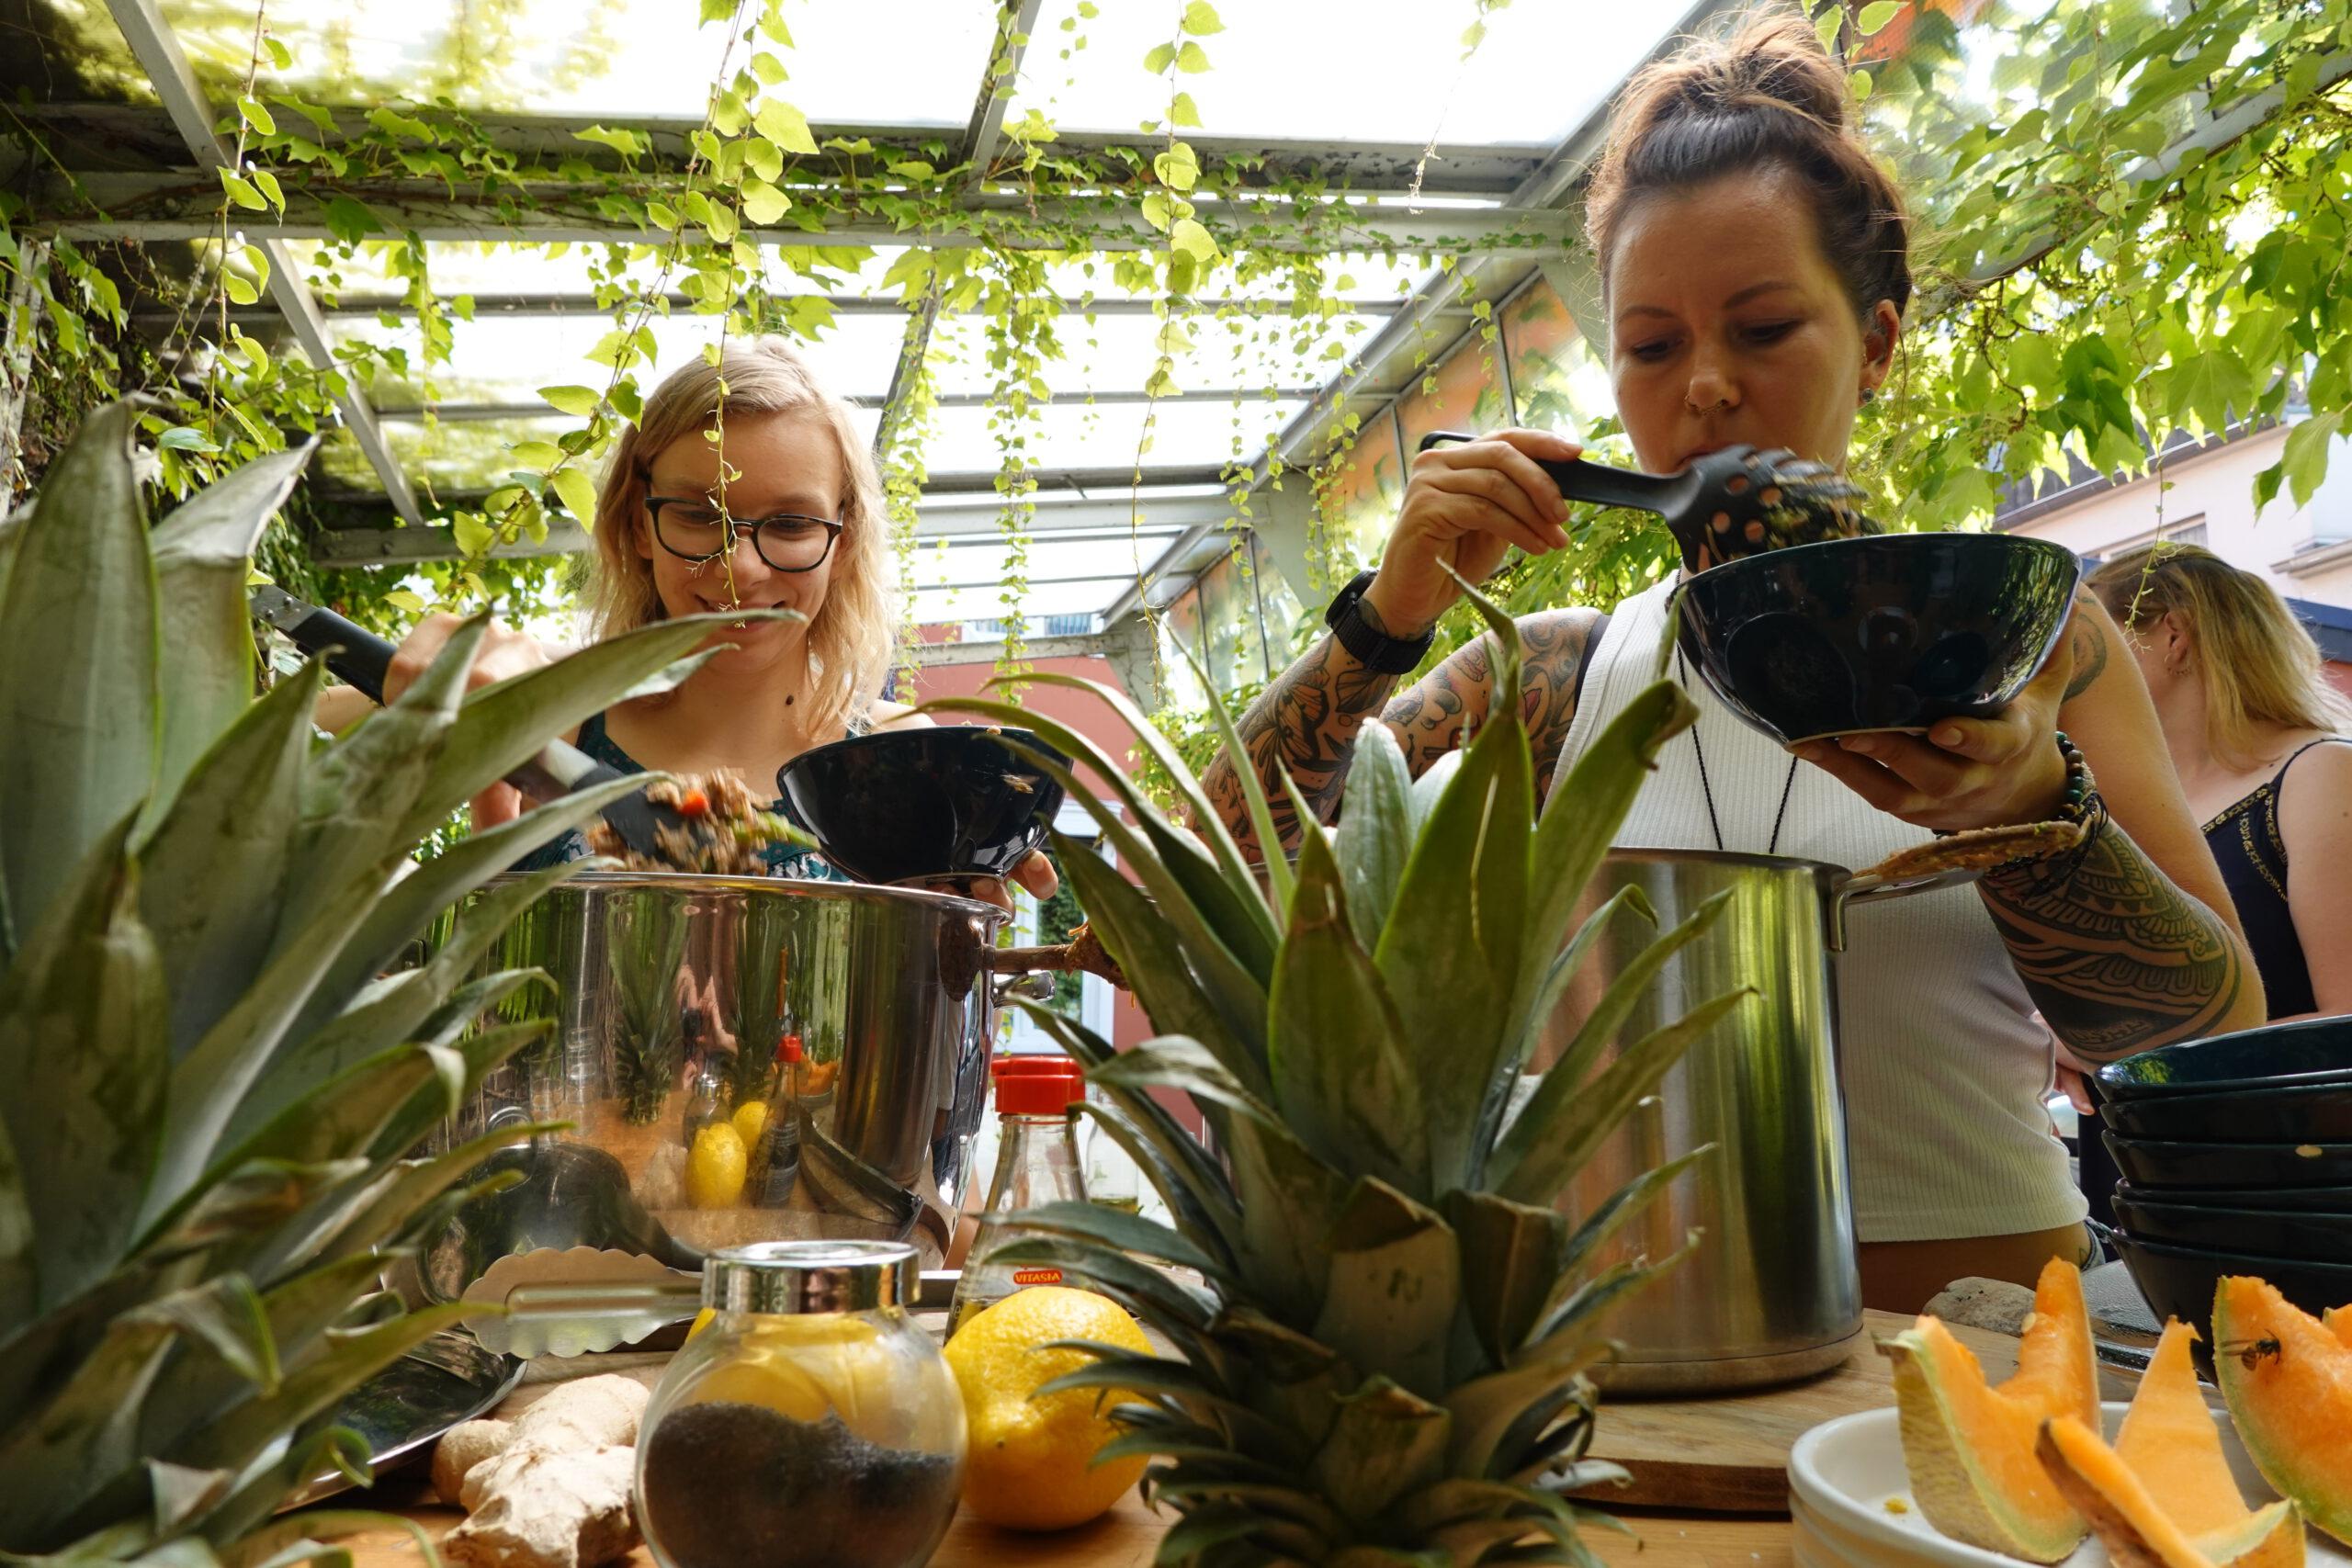 Ayurveda Kochkurs beim gemeinsamen Zubereiten